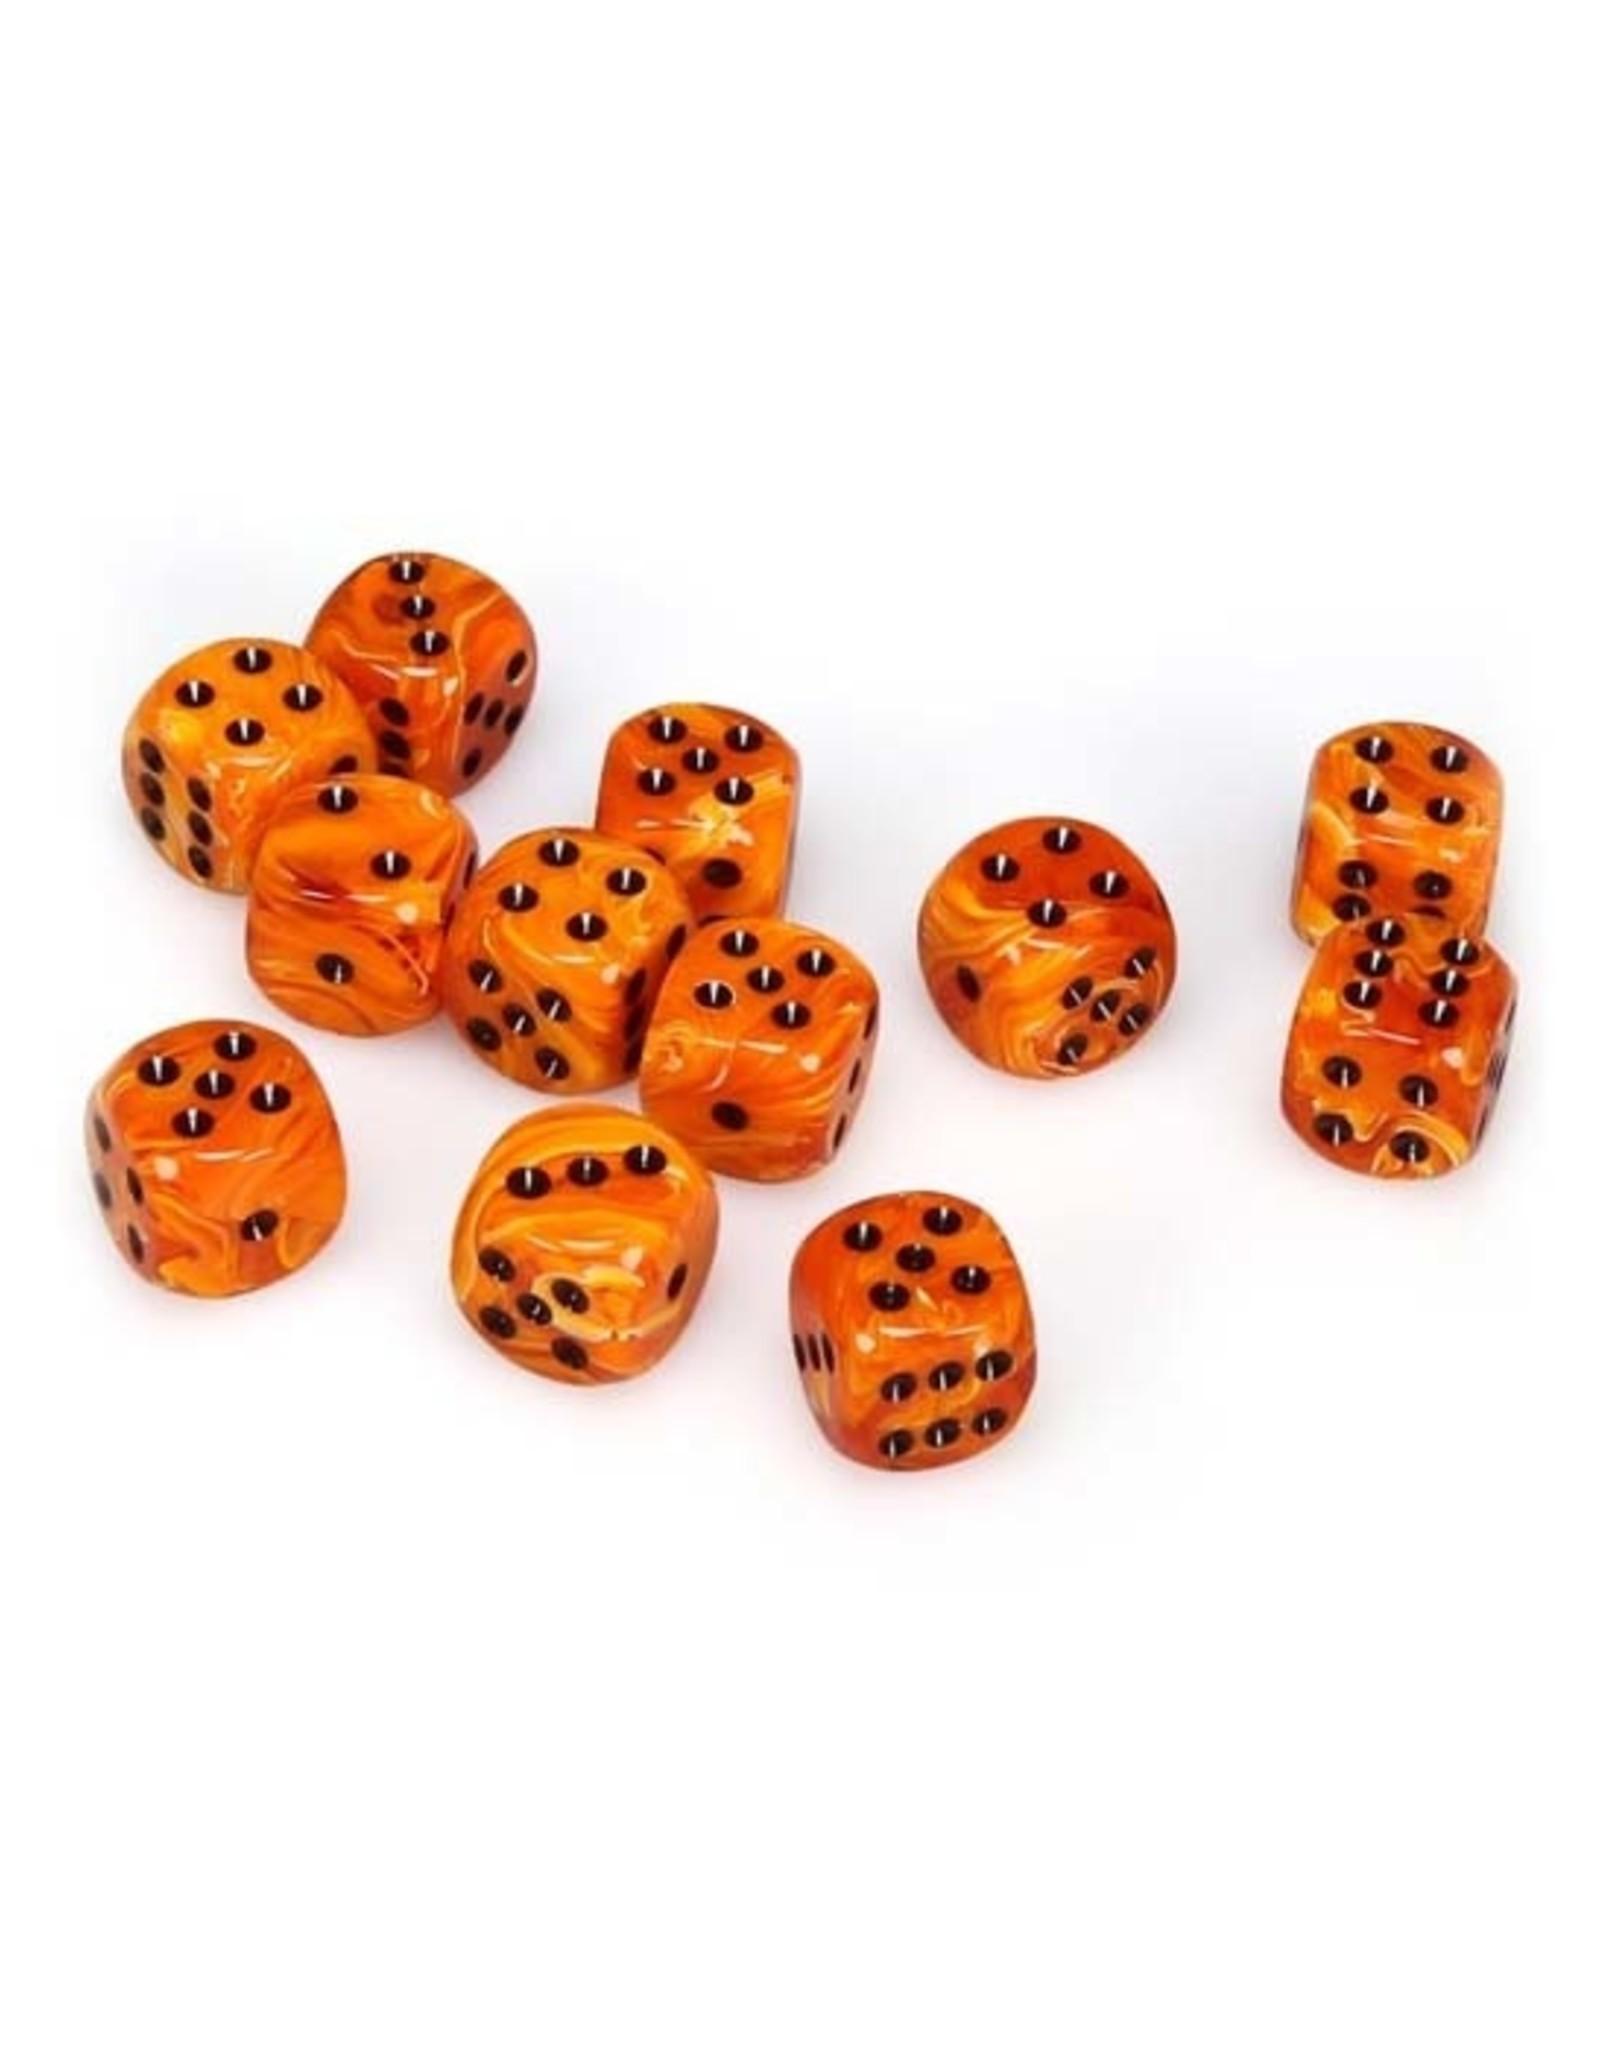 Chessex Chessex: 16mm D6 - Vortex - Orange w/ Black